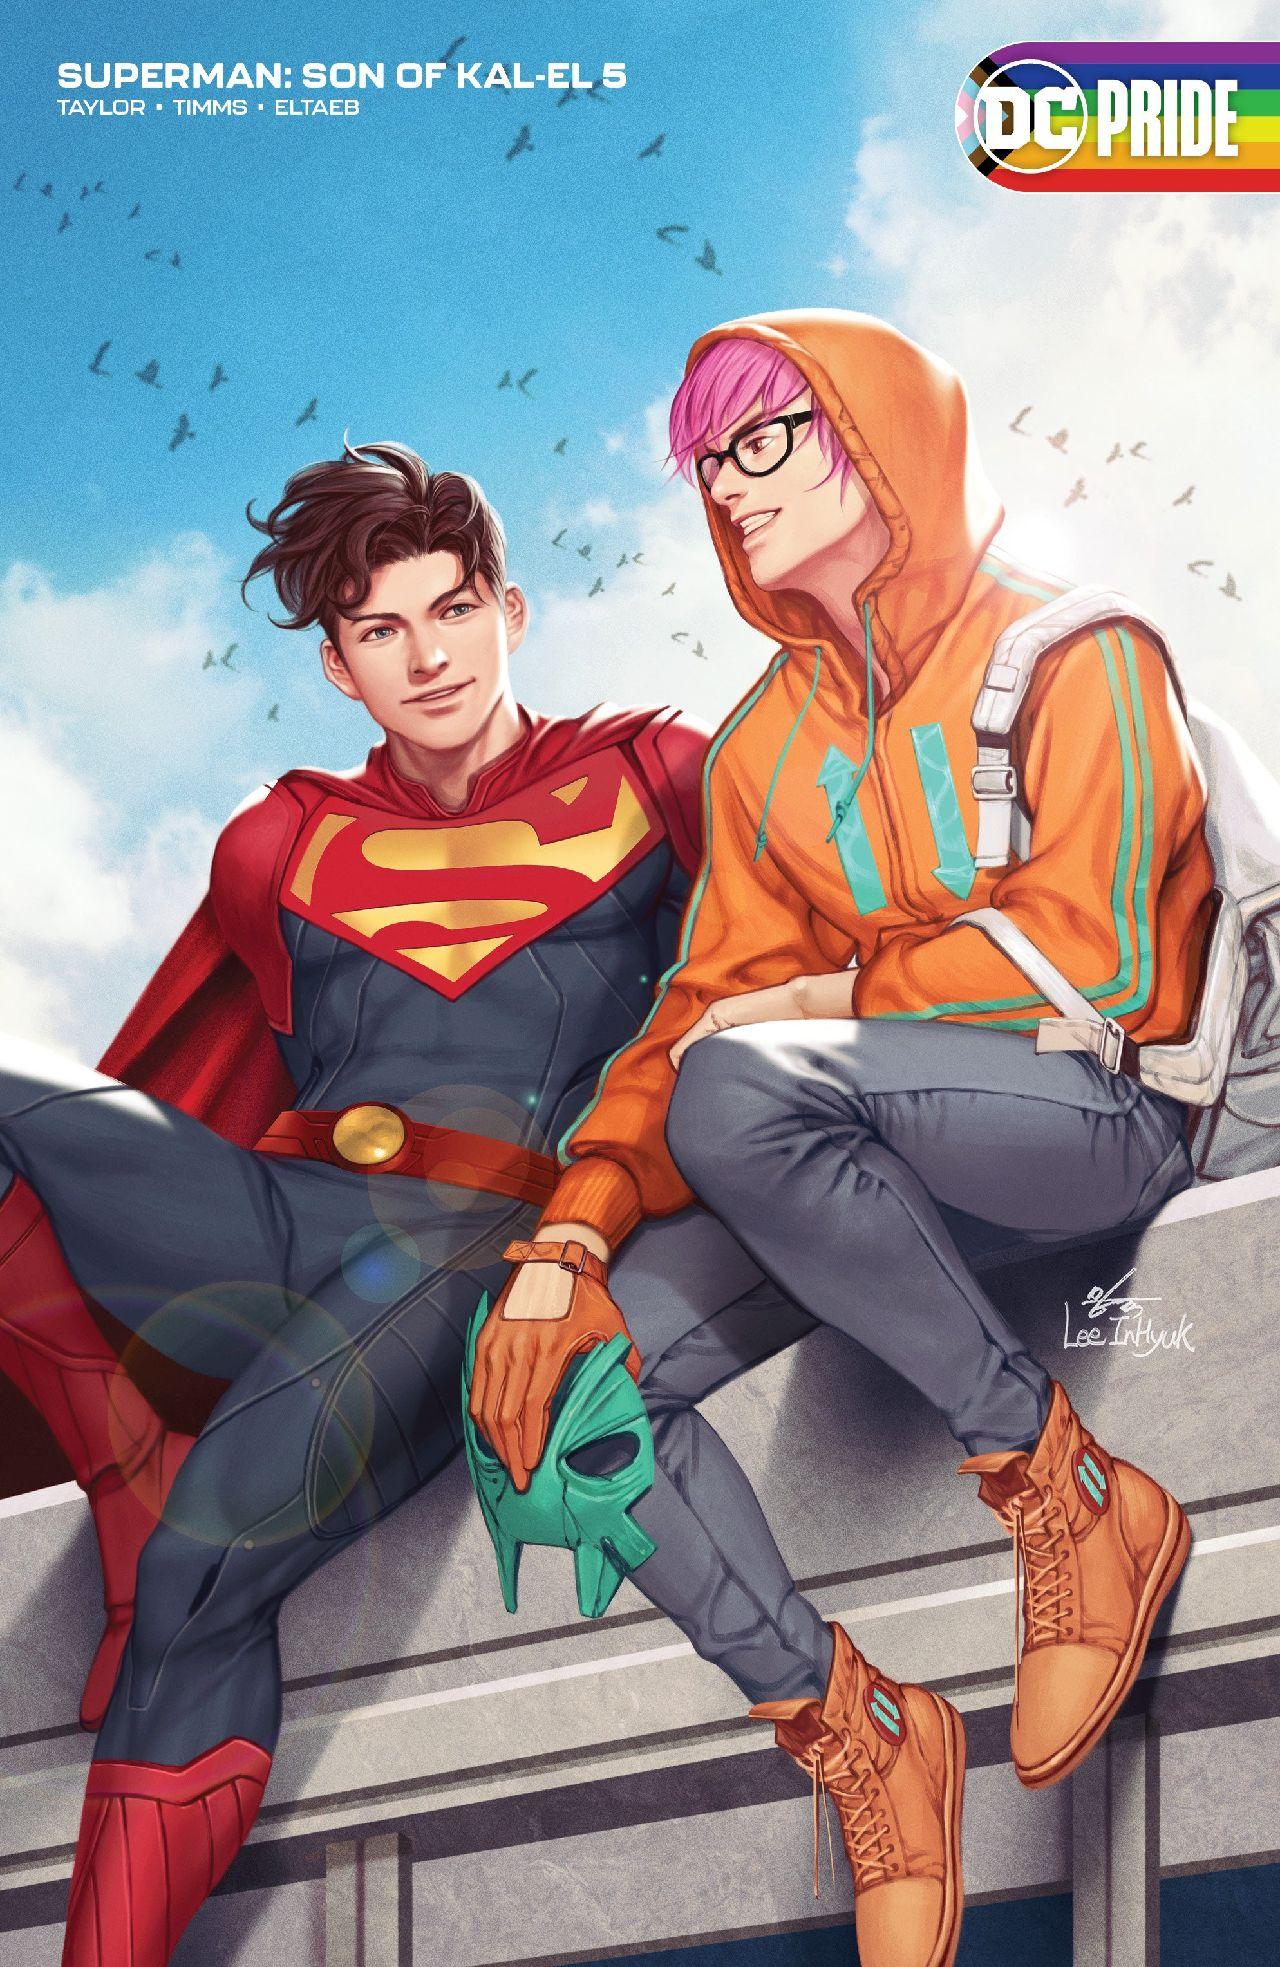 personajes de dc comics superboy